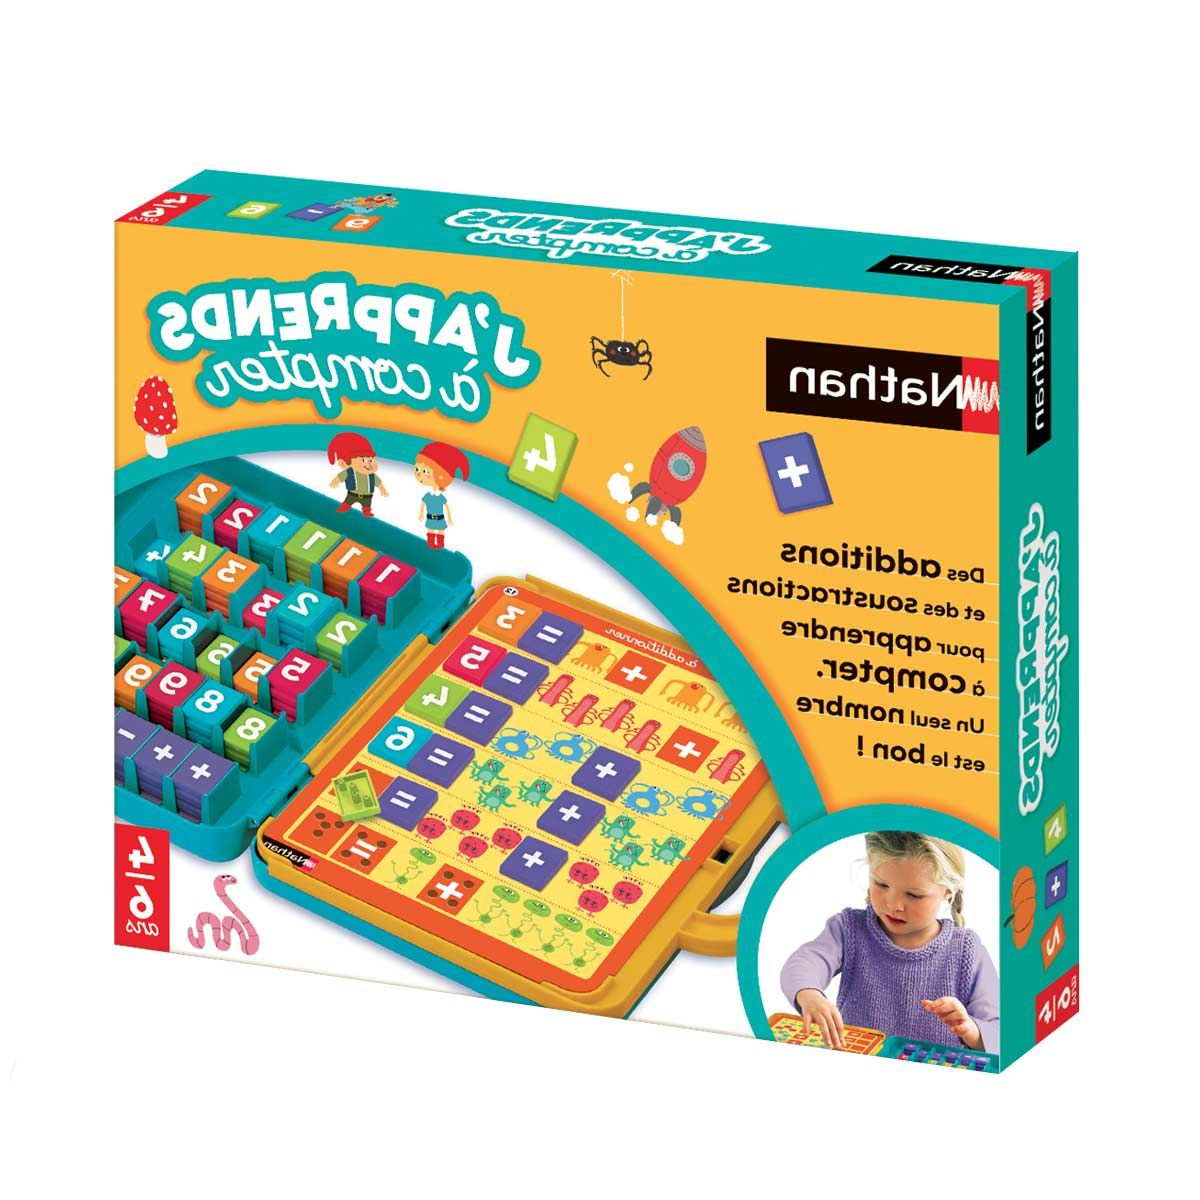 Jeux Pour Petit Garcon De 3 Ans Gratuit - Primanyc concernant Jeux Pour Enfant De 3 Ans